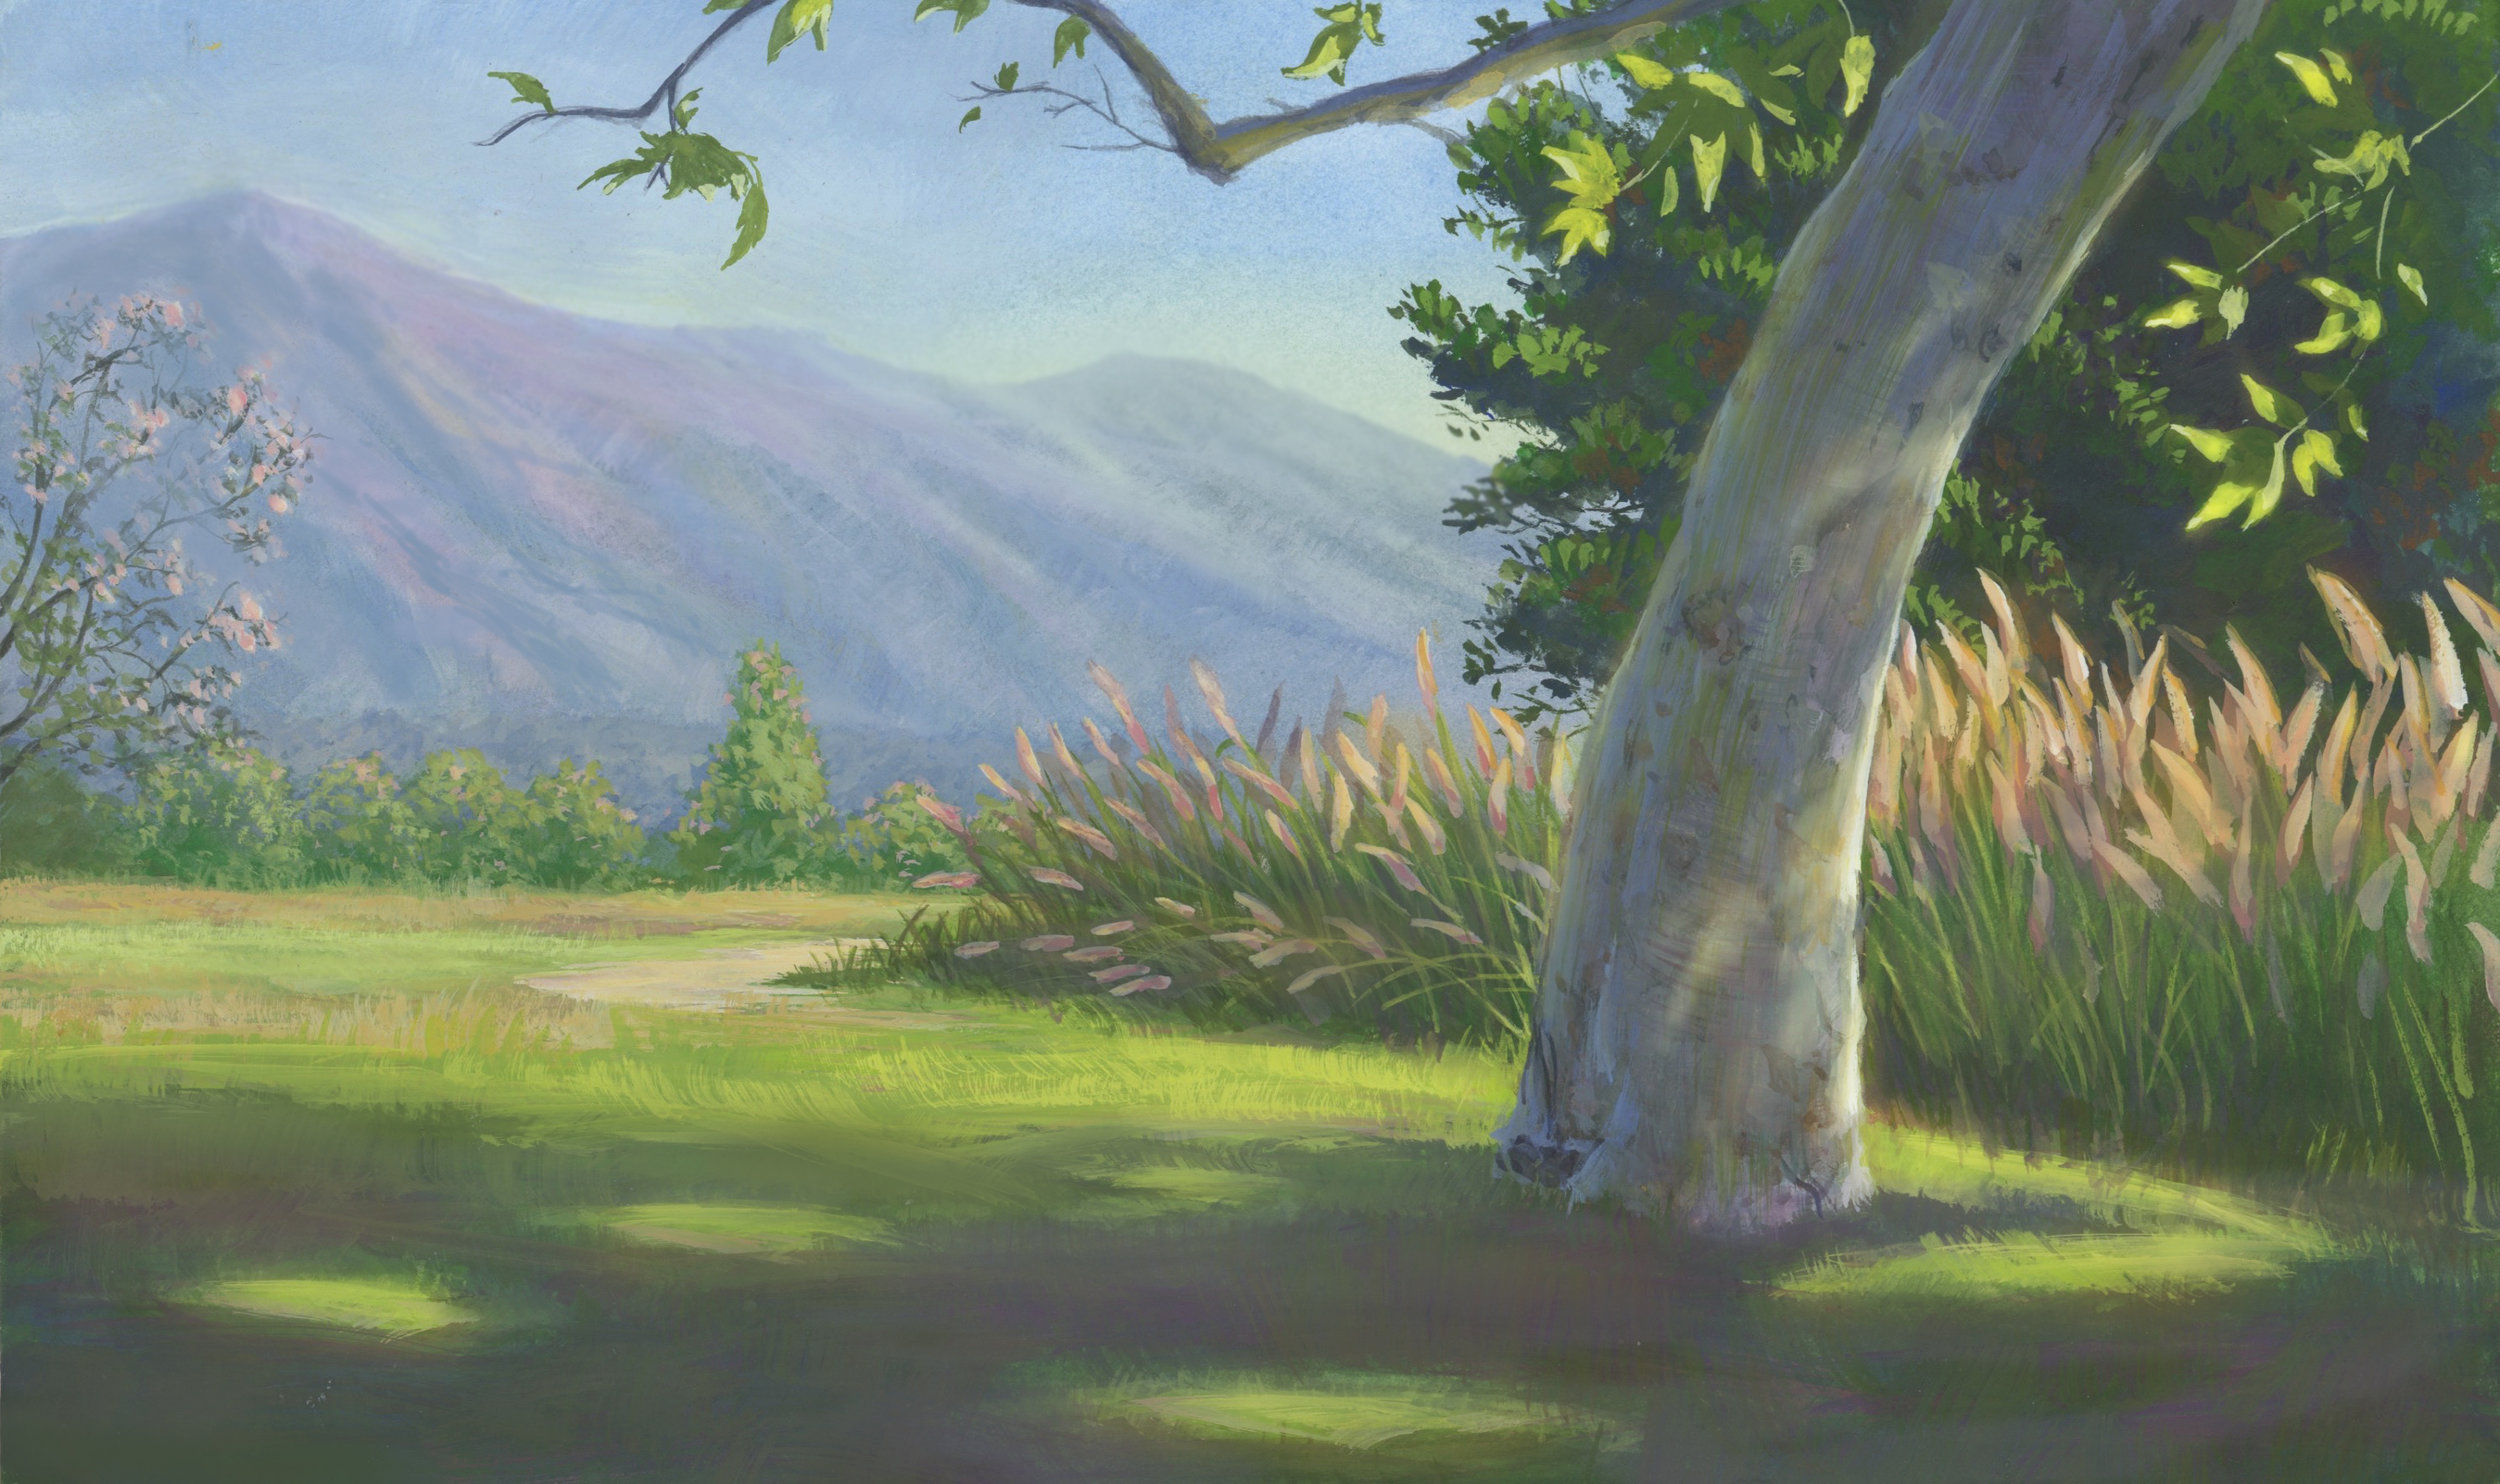 Leon Lee_Term 6_Digital Landscape_Spring 2-16_just.shrimp@hotmail.com_0264185_Landscape2.jpg